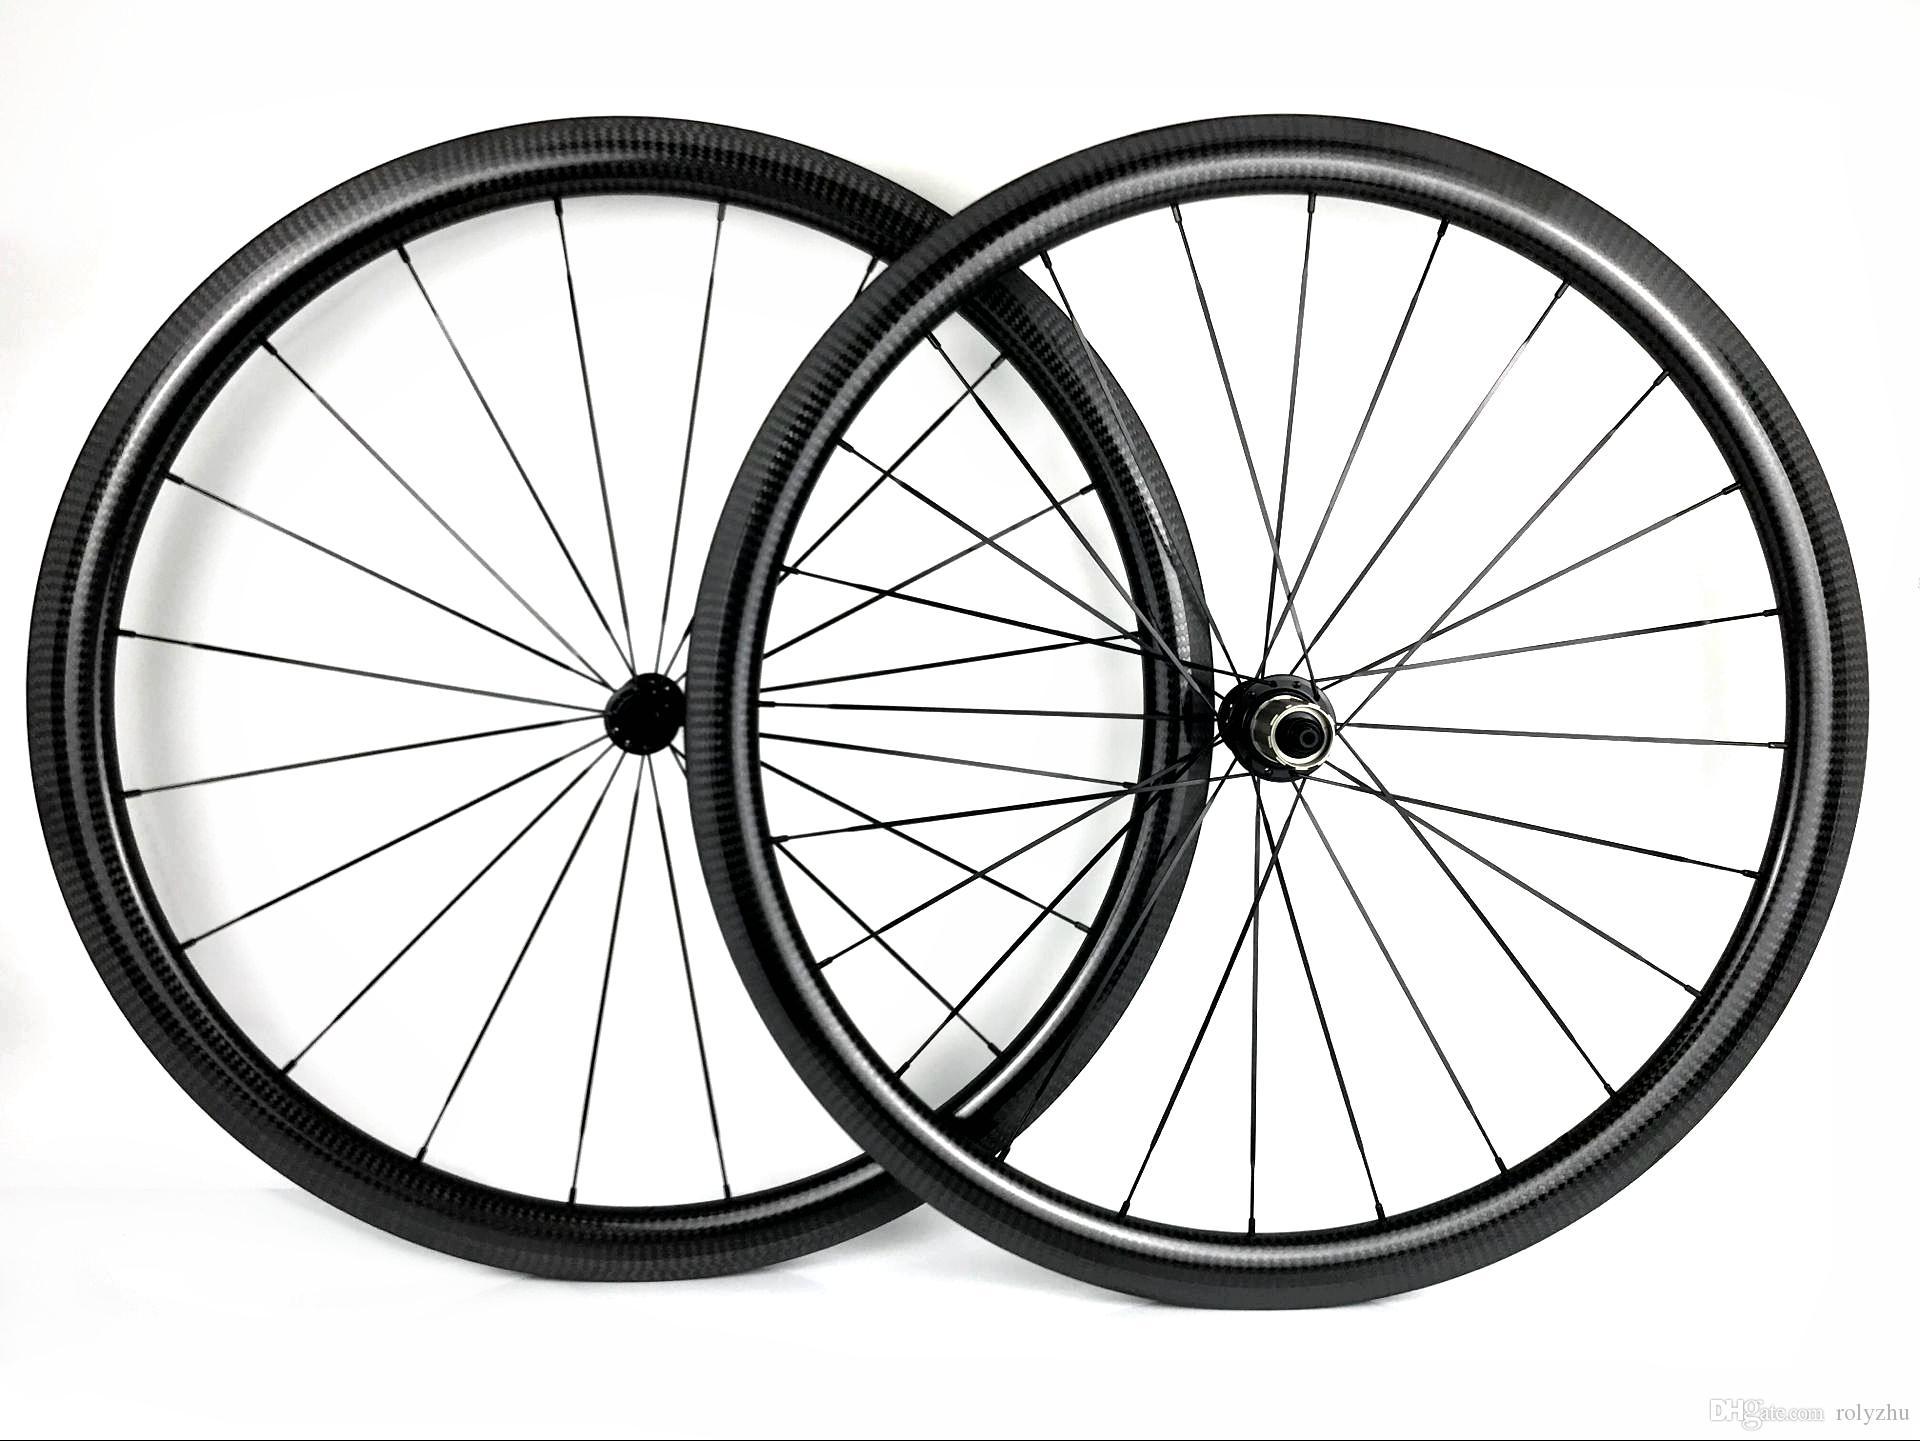 URLTRA-Light 700c 38mm Profondeur Roues en carbone de 25 mm Largeur de la largeur Vélo de bicyclette de la route R13 HUBS 3K Twill Glossy Fini Livraison Gratuite